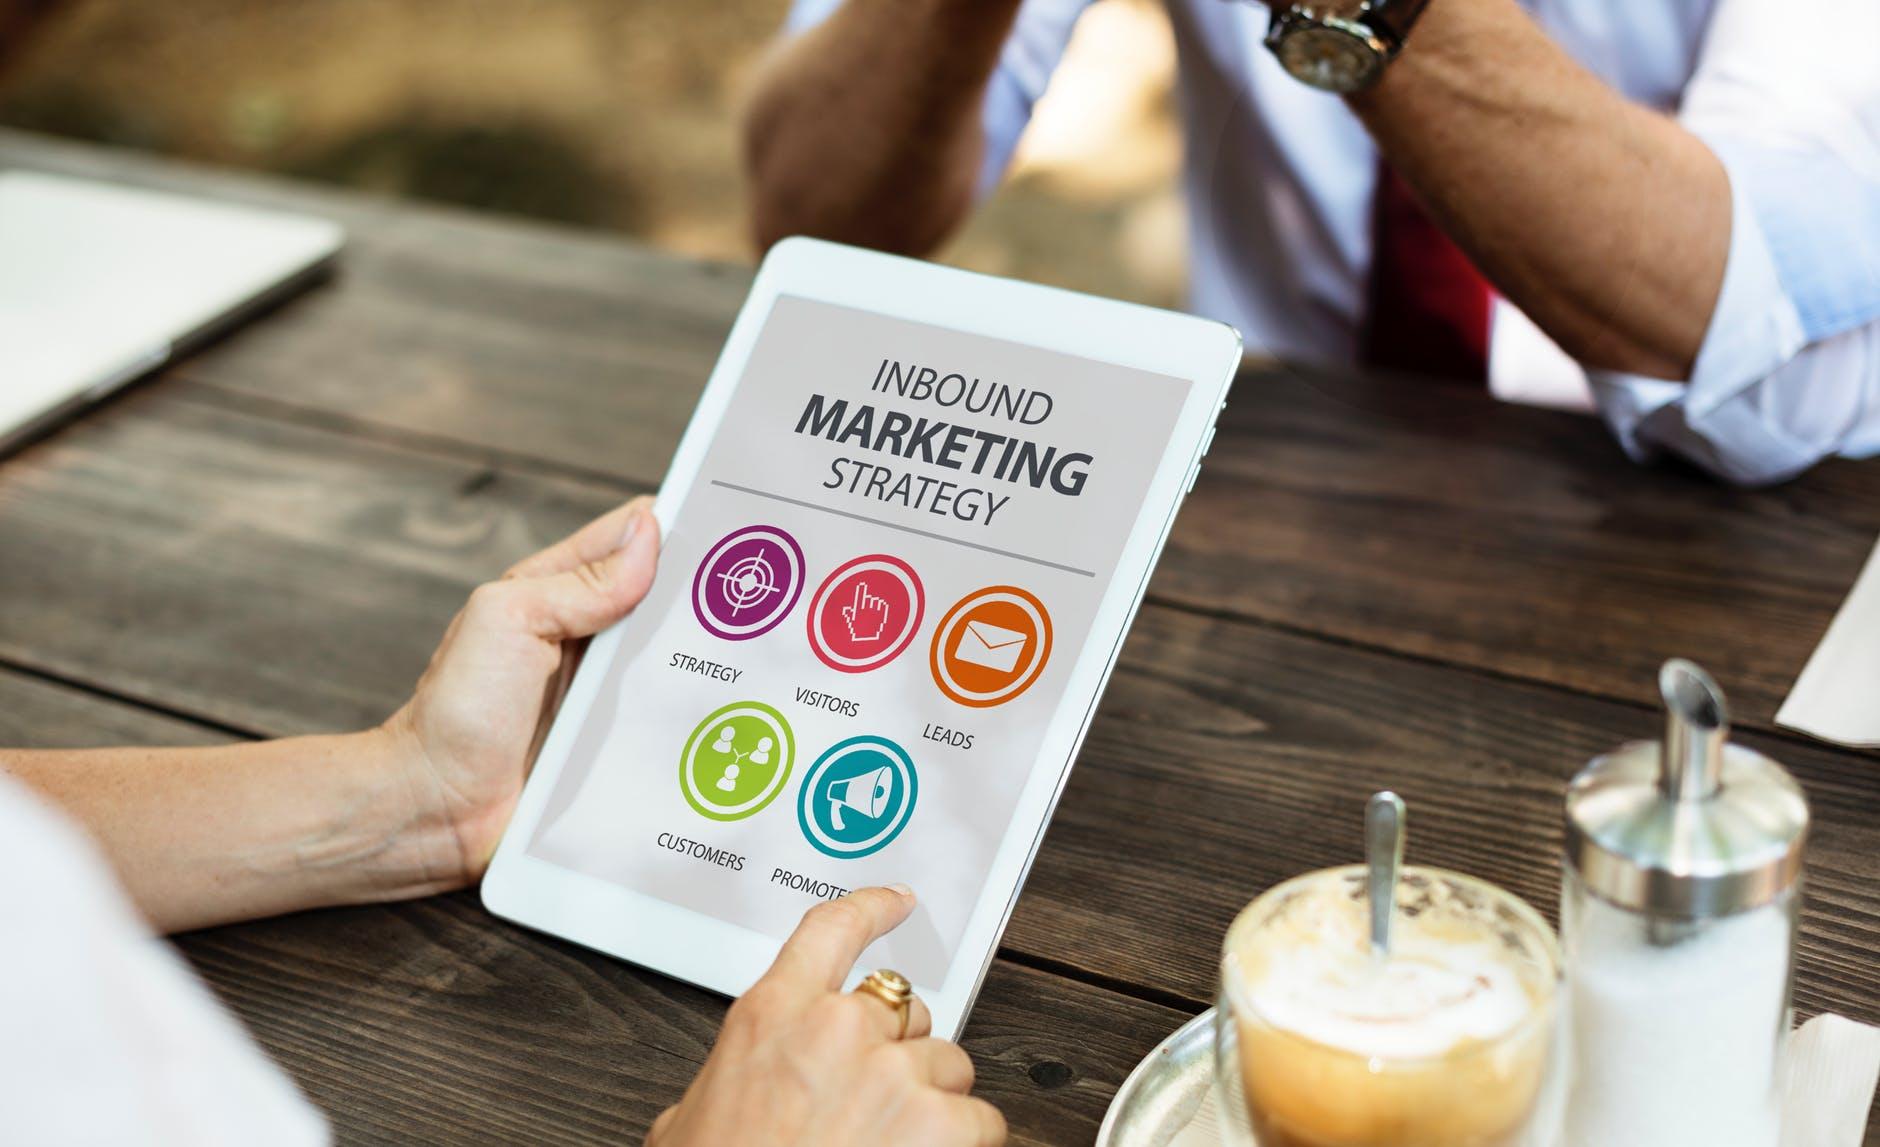 redactar los mejores textos para email marketing alineación